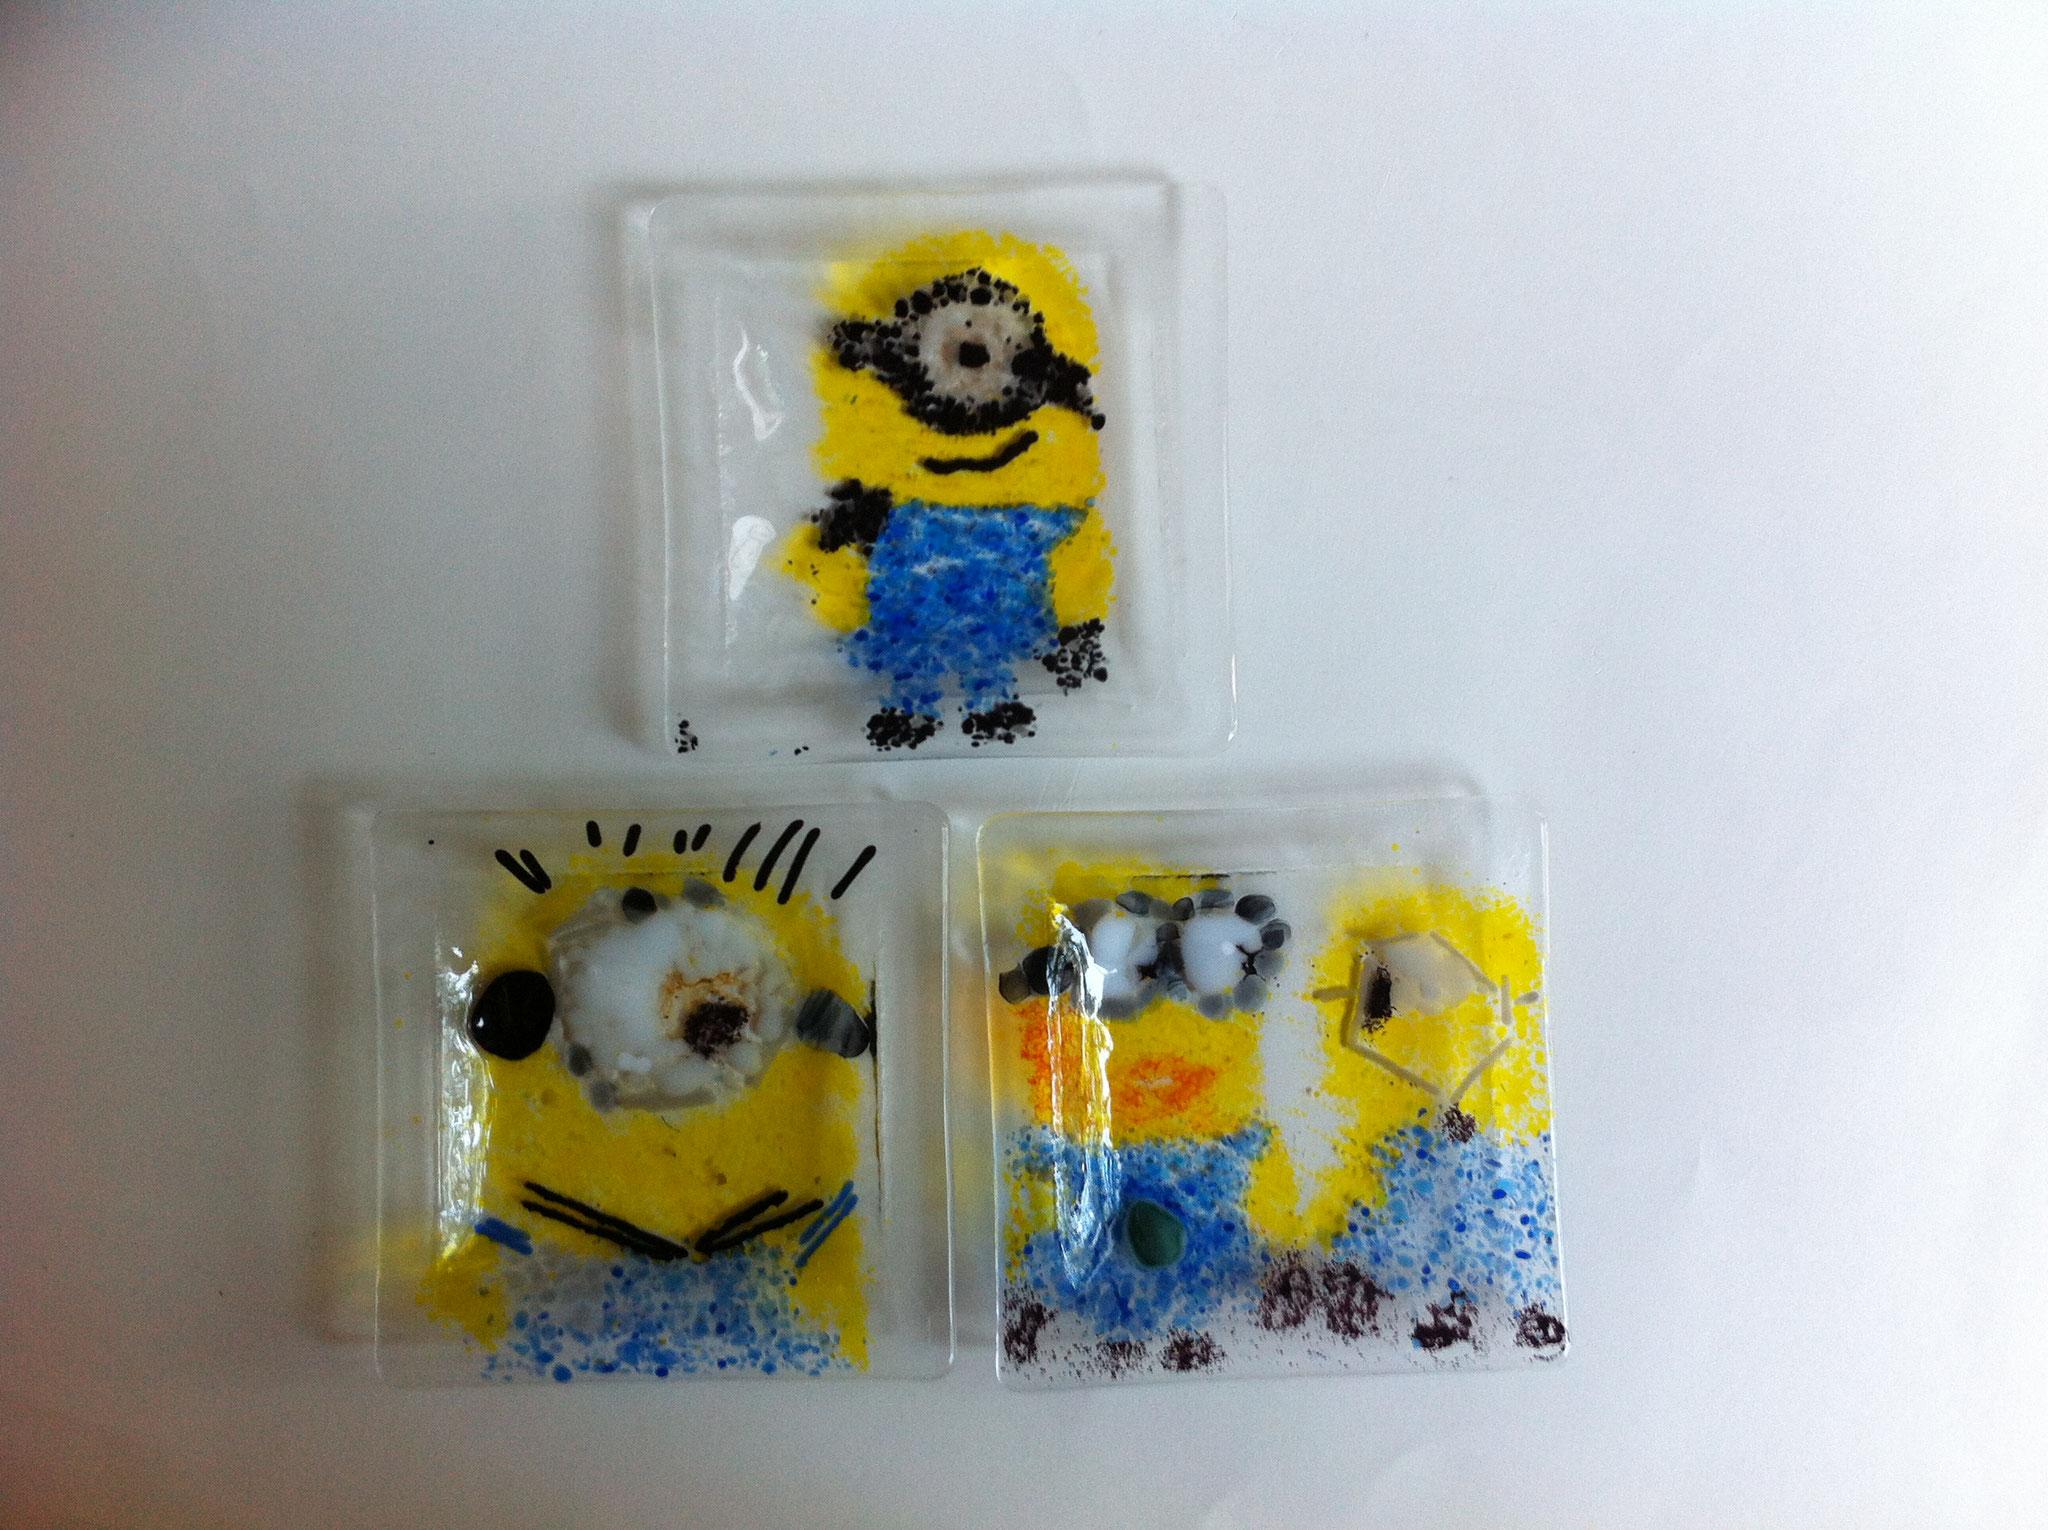 Glasschalen von Minionfans